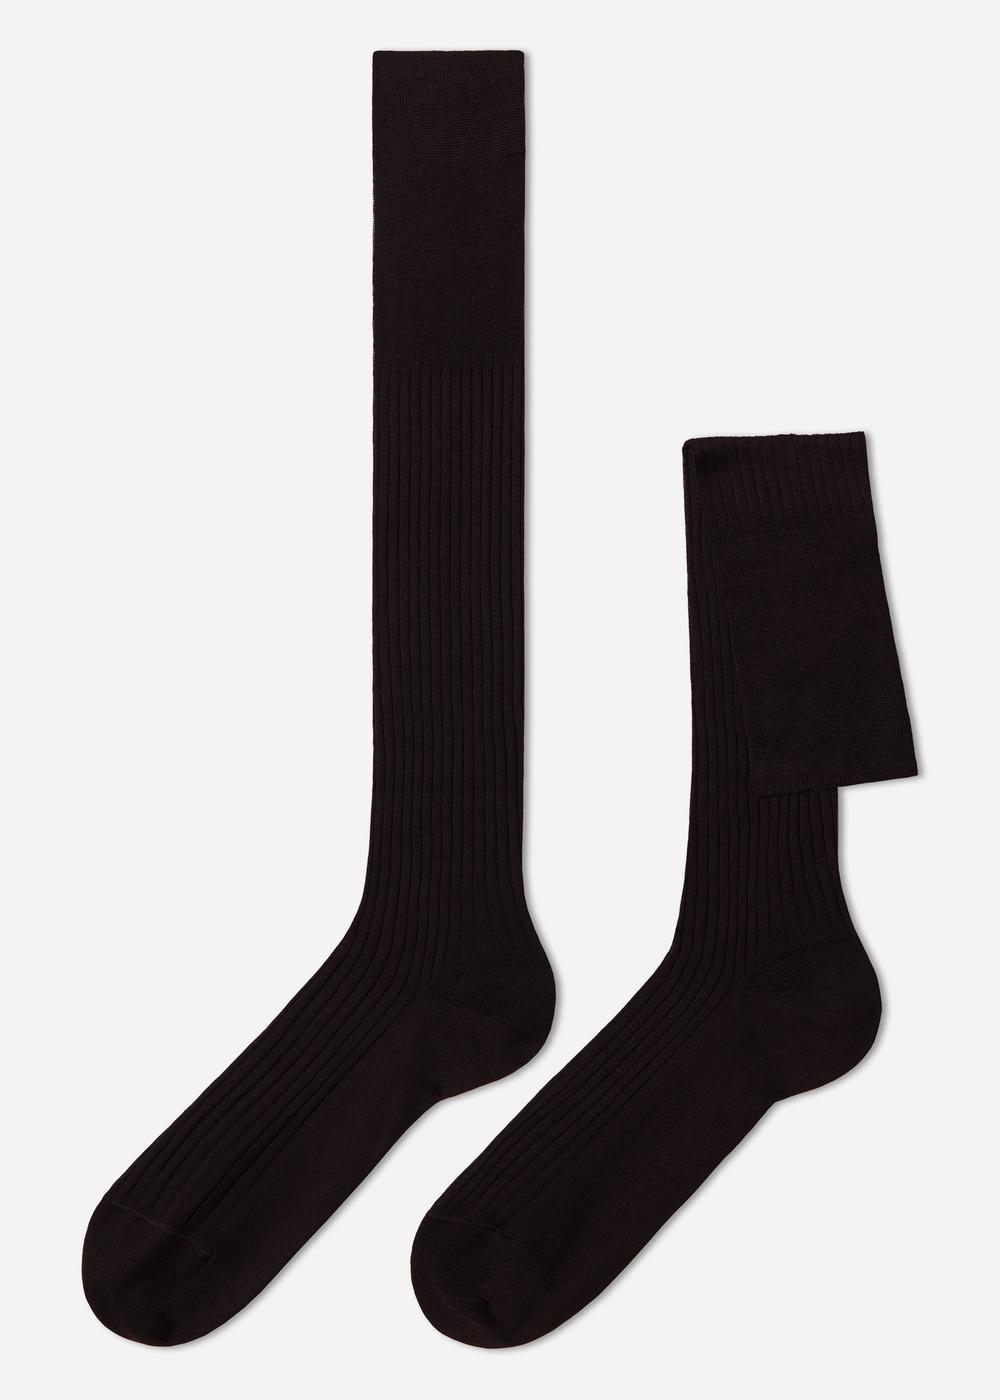 Calcetines largos Acanaladas en Hilo de Escocia